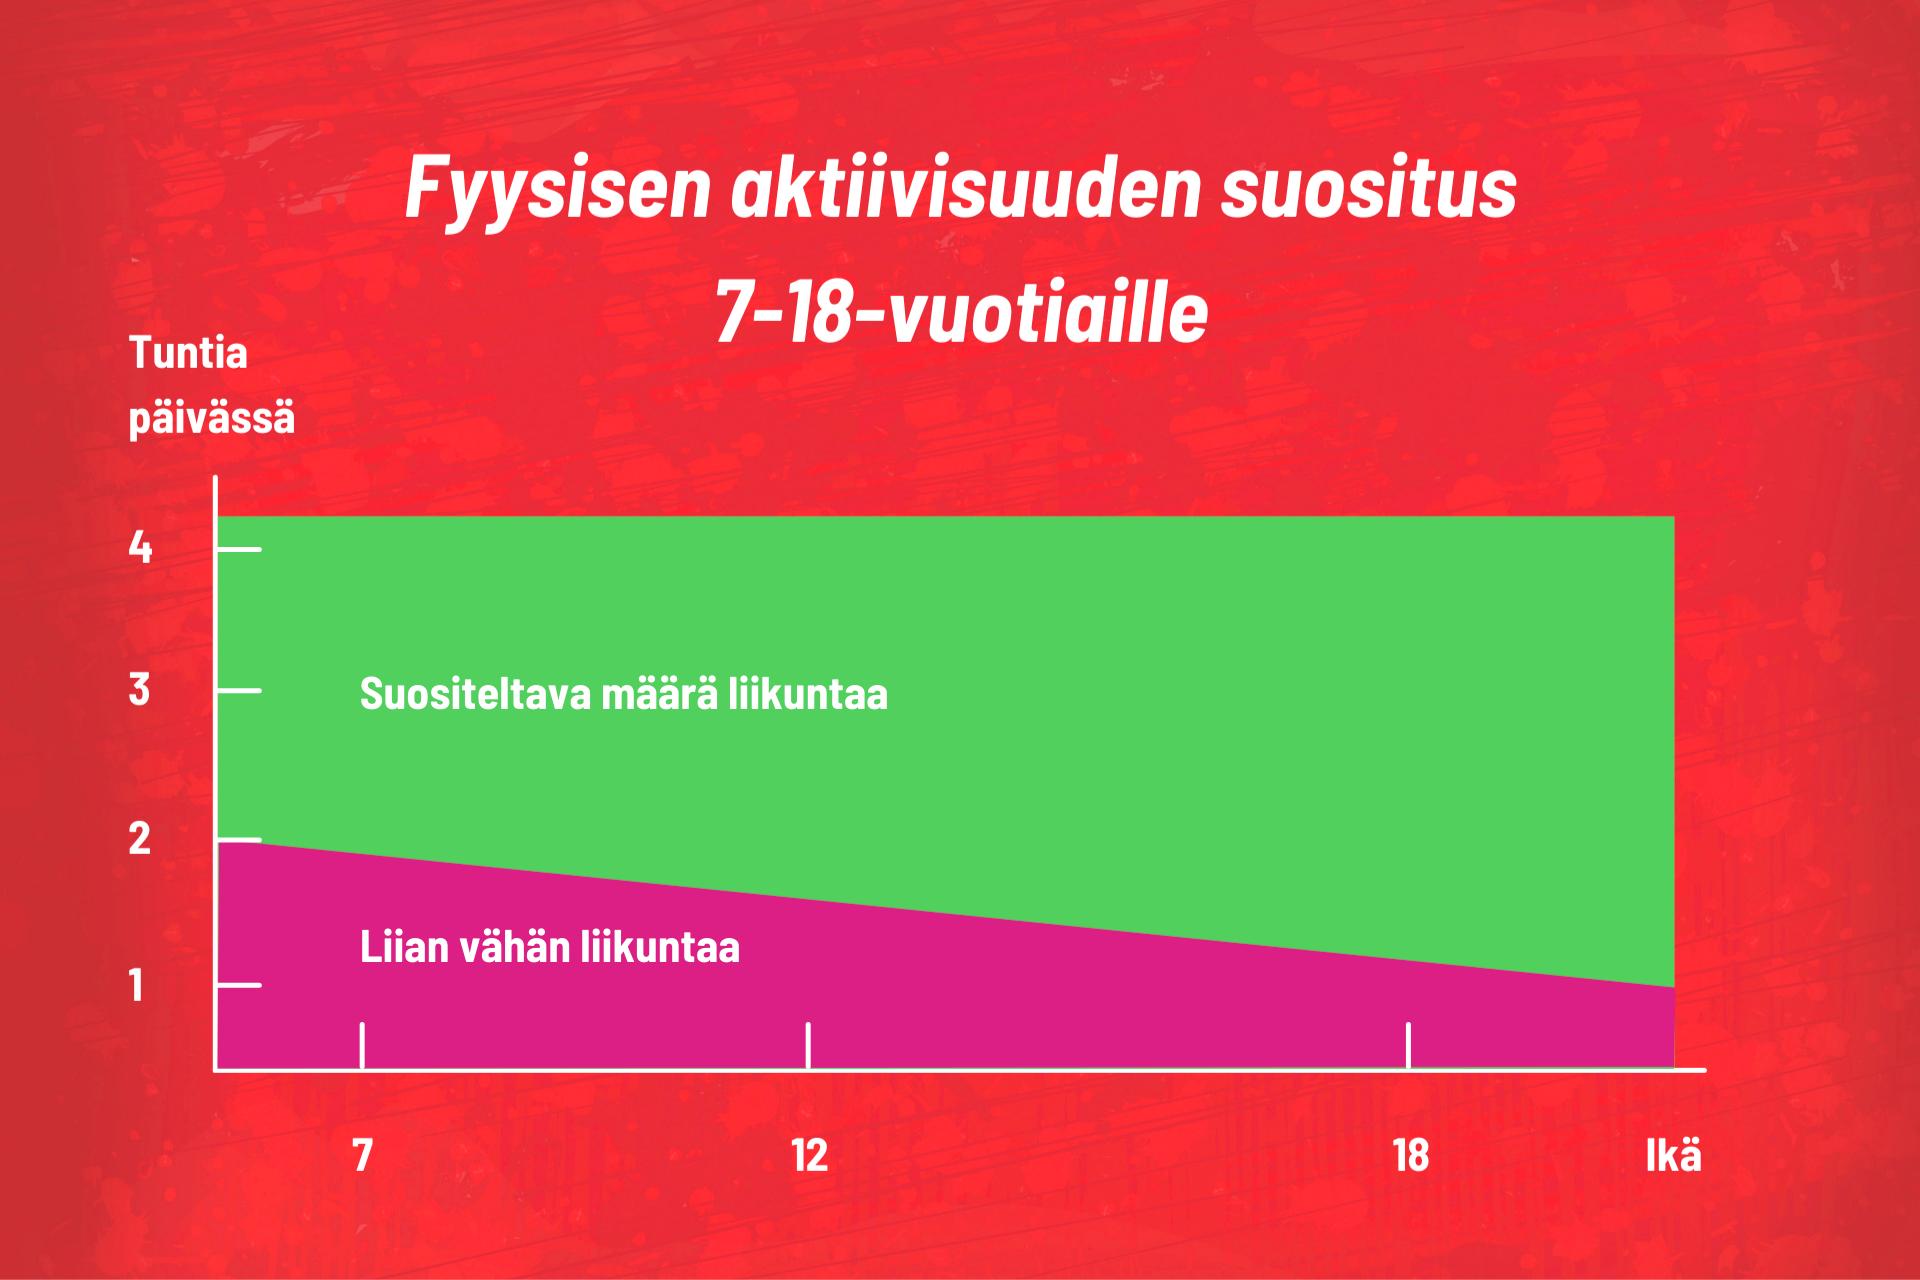 Kuva 1. Fyysisen aktiivisuuden suositus kouluikäiselle 7-18-vuotiaille. (Lasten ja nuorten liikunnan asiantuntijaryhmä 2008. Opetusministeriö ja Nuori Suomi ry.)